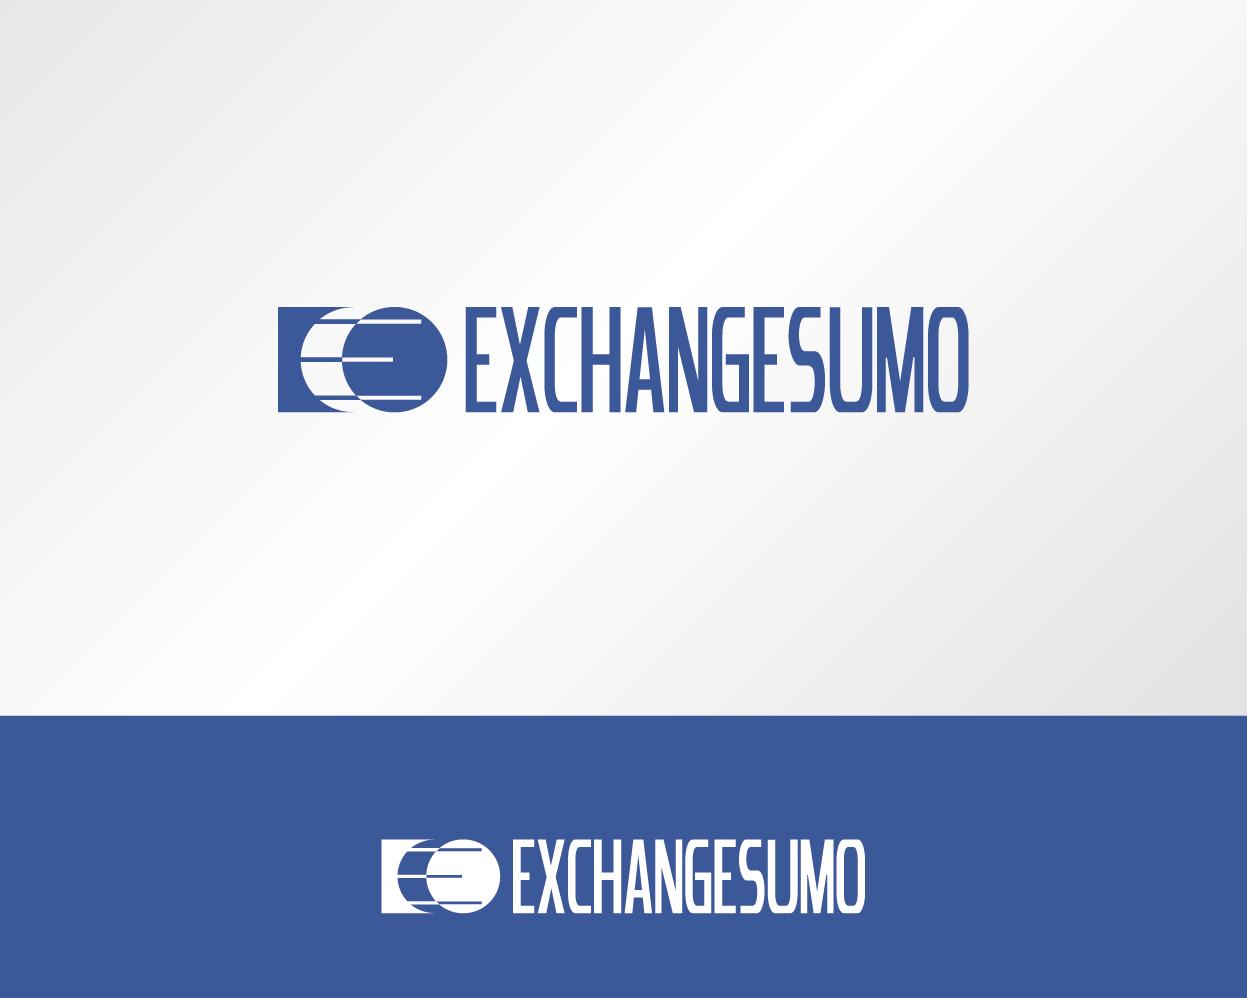 Логотип для мониторинга обменников фото f_5565bab9e1335299.png